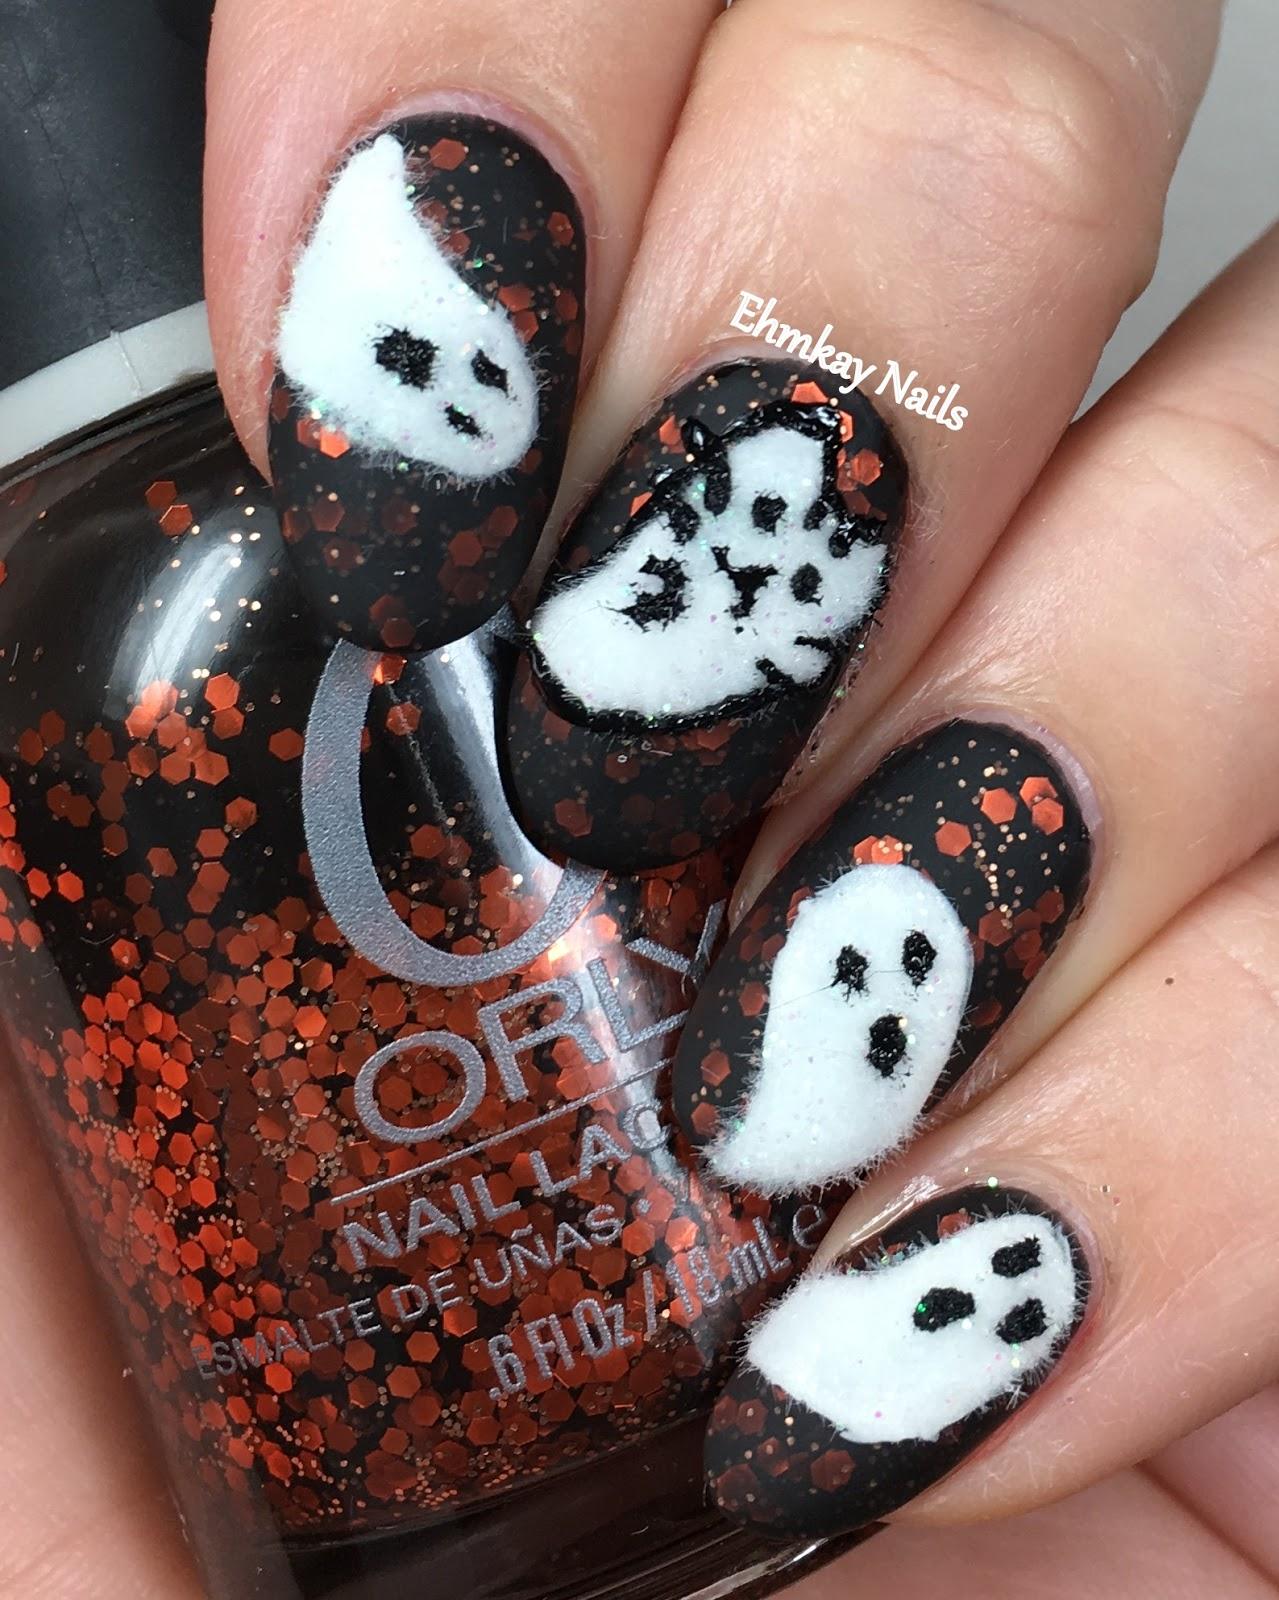 13 Days of Halloween: Pusheen Calendar Series: October 2017 Ghost Pusheen - Ehmkay Nails: 13 Days Of Halloween Nail Art: Pusheen Calendar